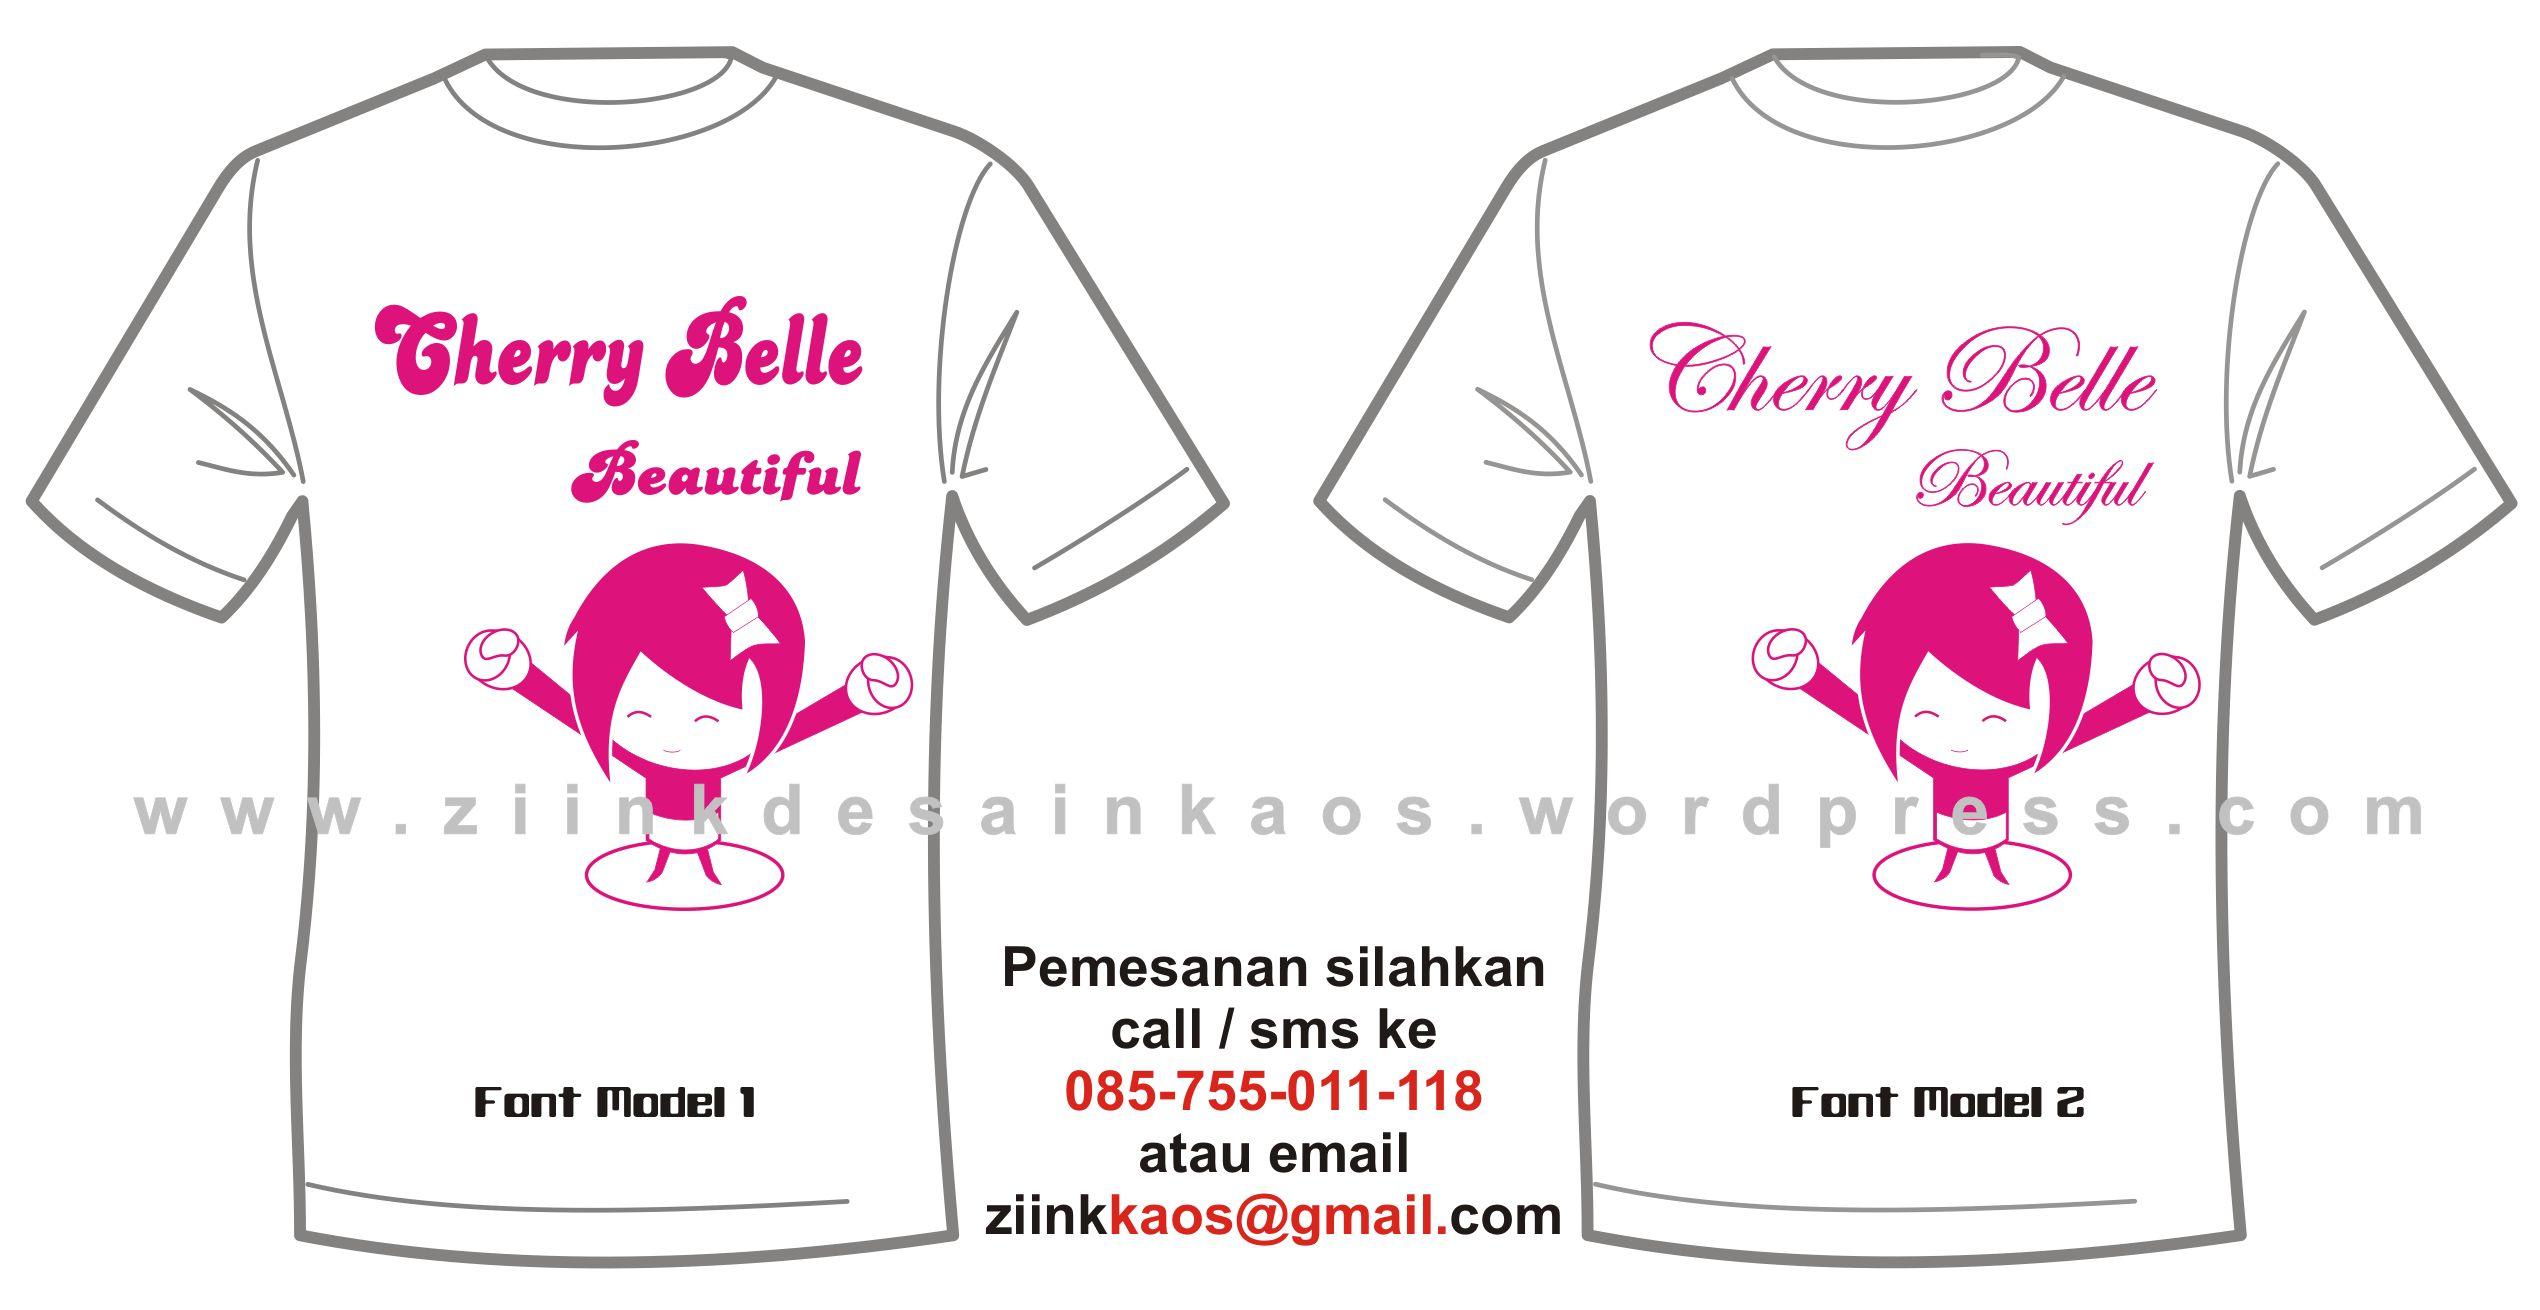 Kaos Cherry Belle Ziink Kaos Online WordPress Version